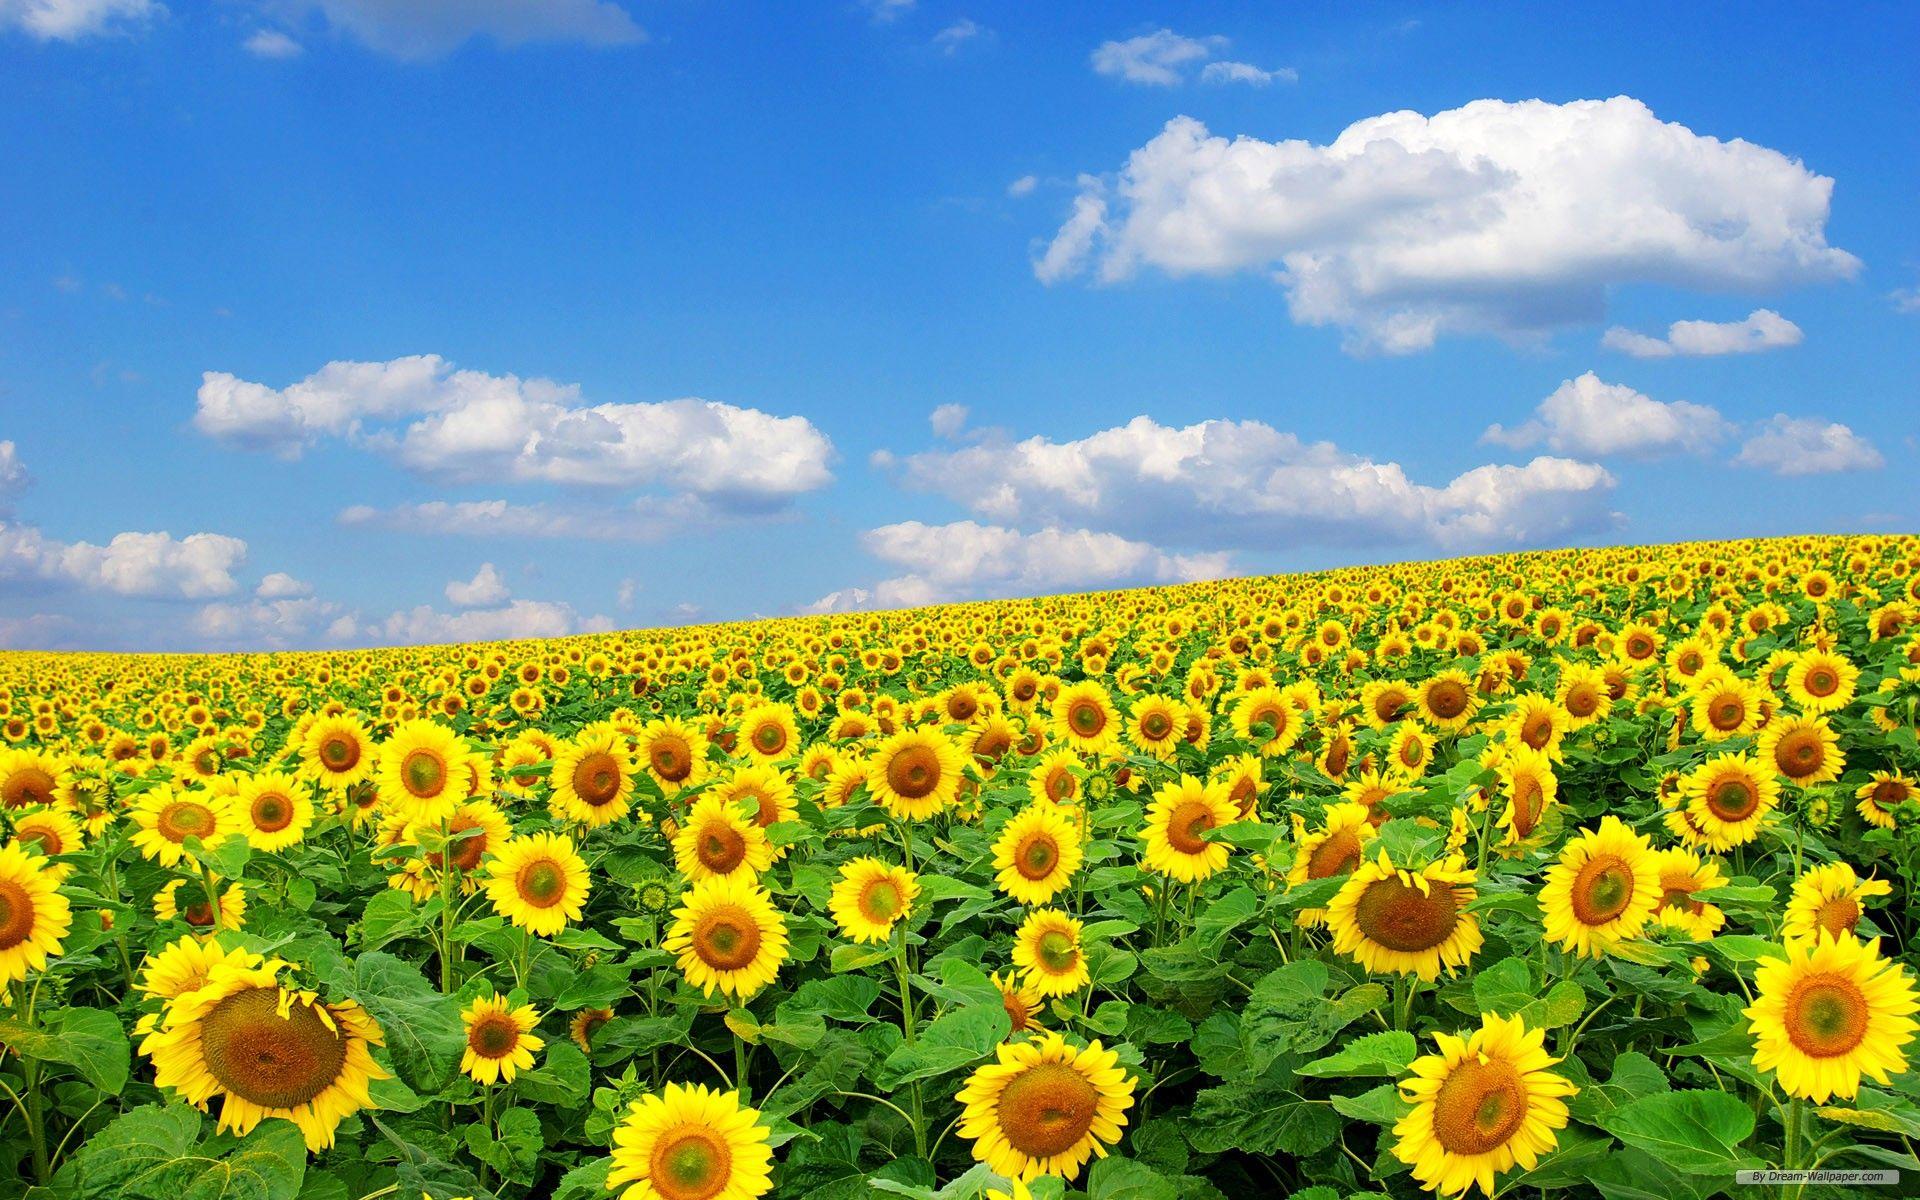 向日葵 画像 Google 検索 向日葵 画像 ひまわり 検索